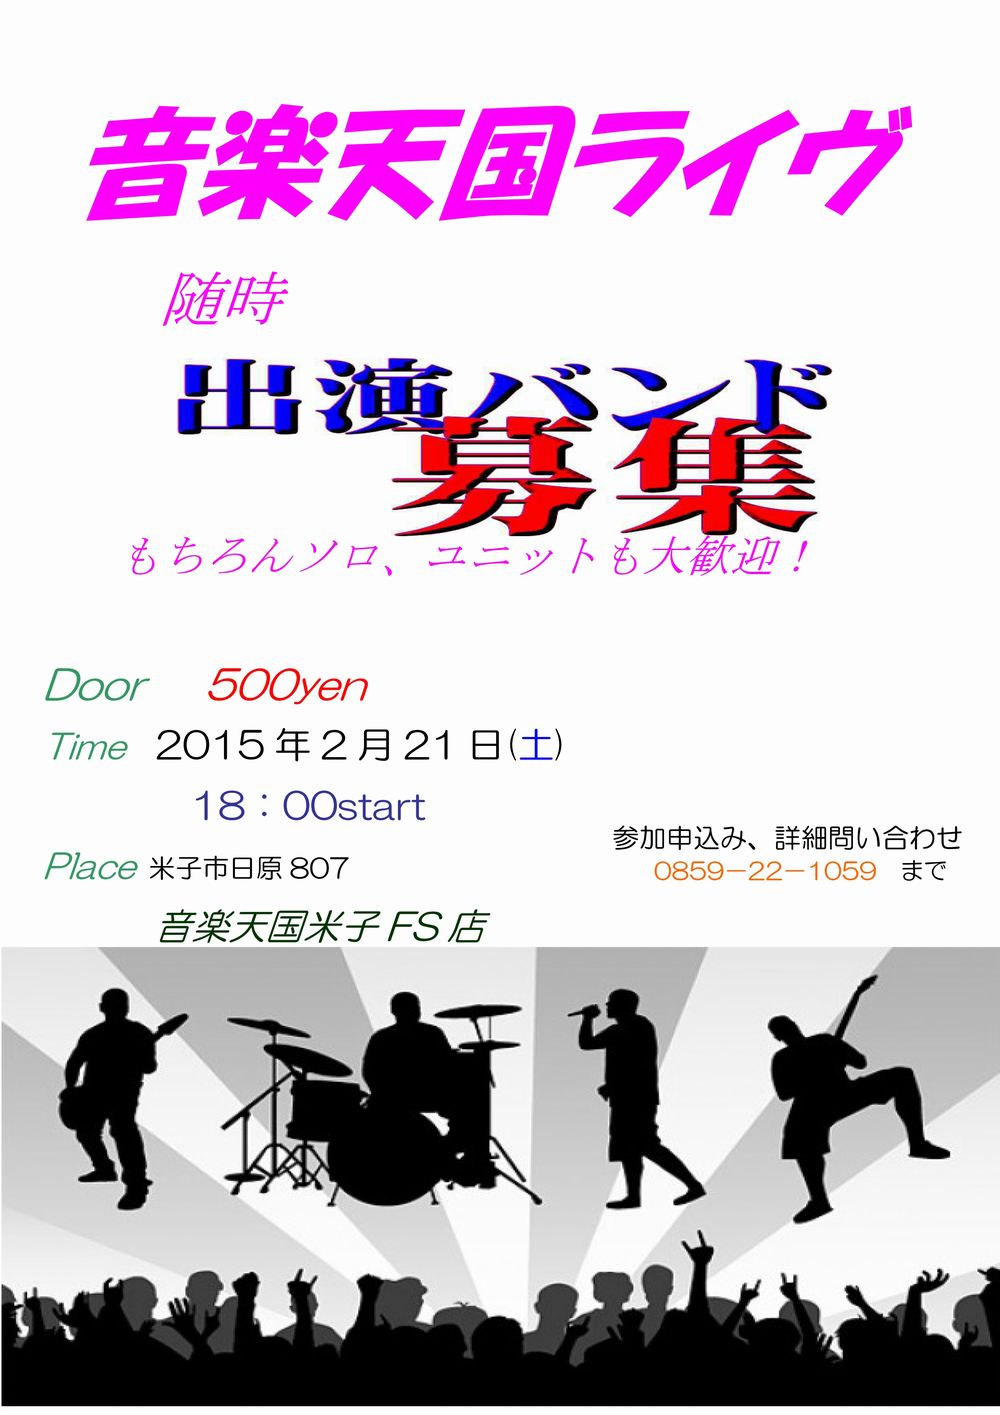 【スタジオライブ】@音楽天国・米子FS店2月21日(土)開催!